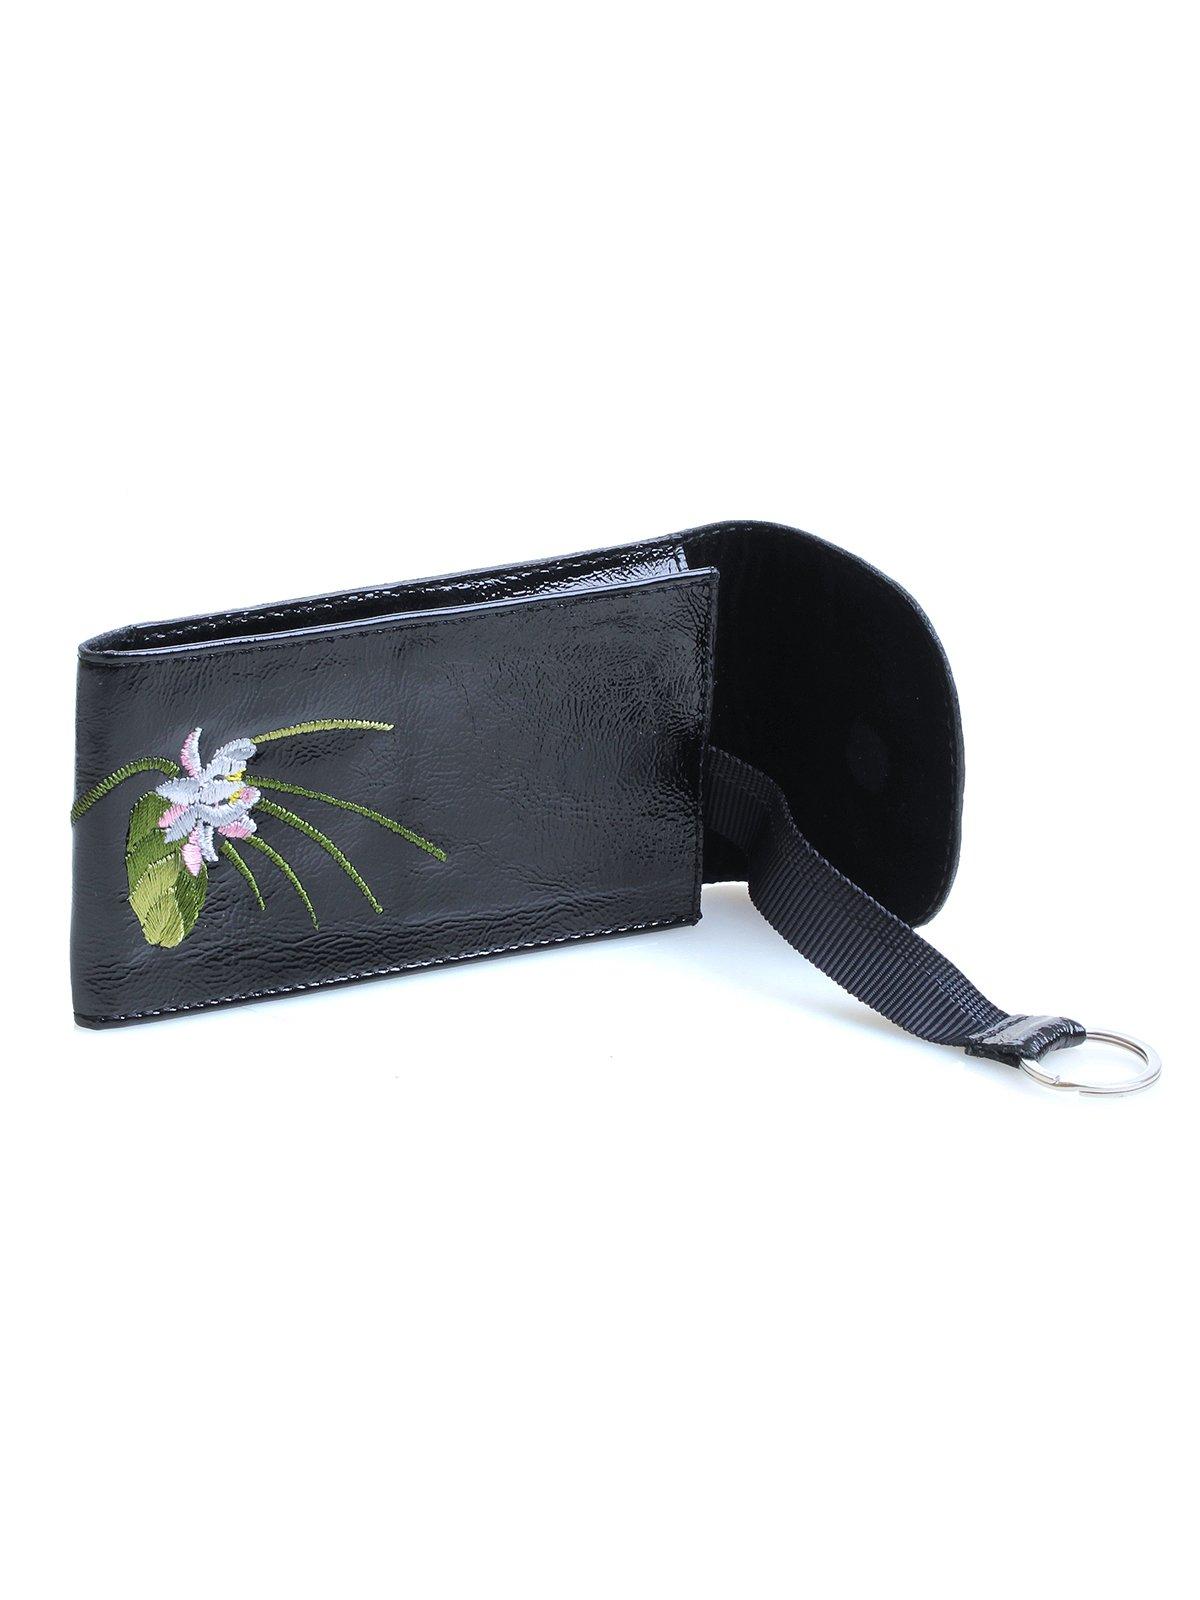 Ключница черная с вышивкой   3997139   фото 5